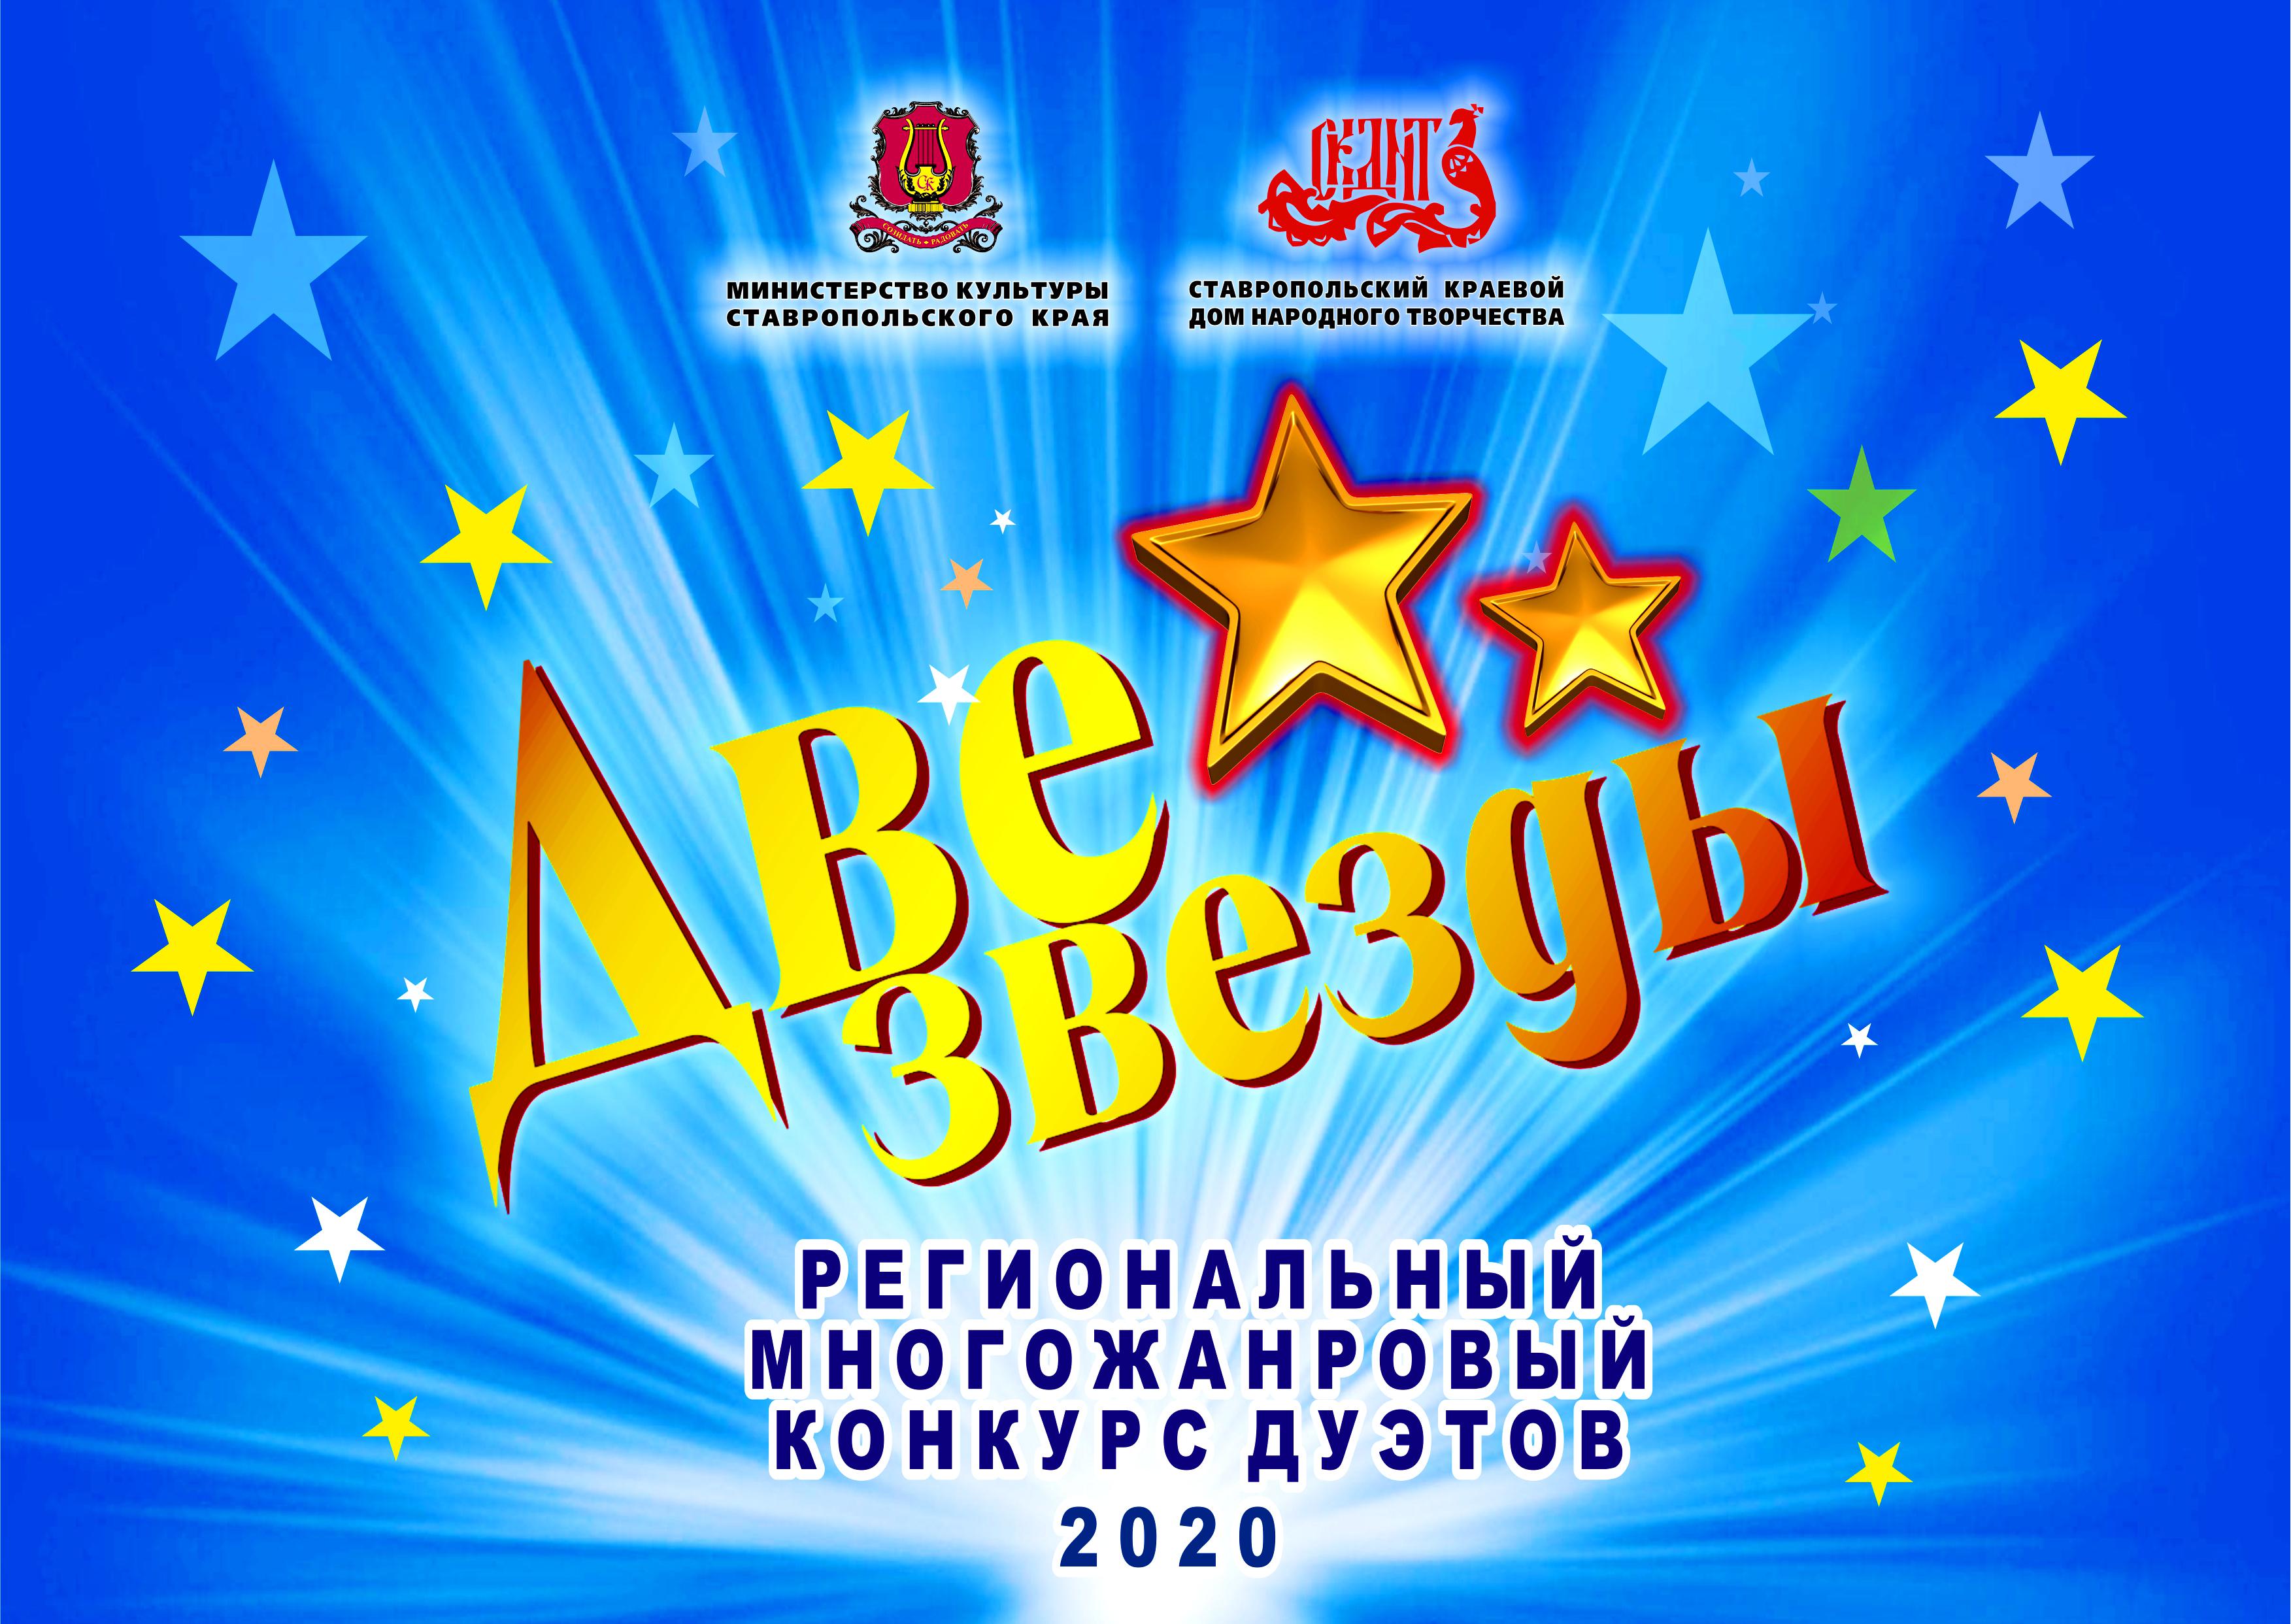 Ставропольский краевой Дом народного творчества приглашает к участию в конкурсе дуэтов «Две звезды»